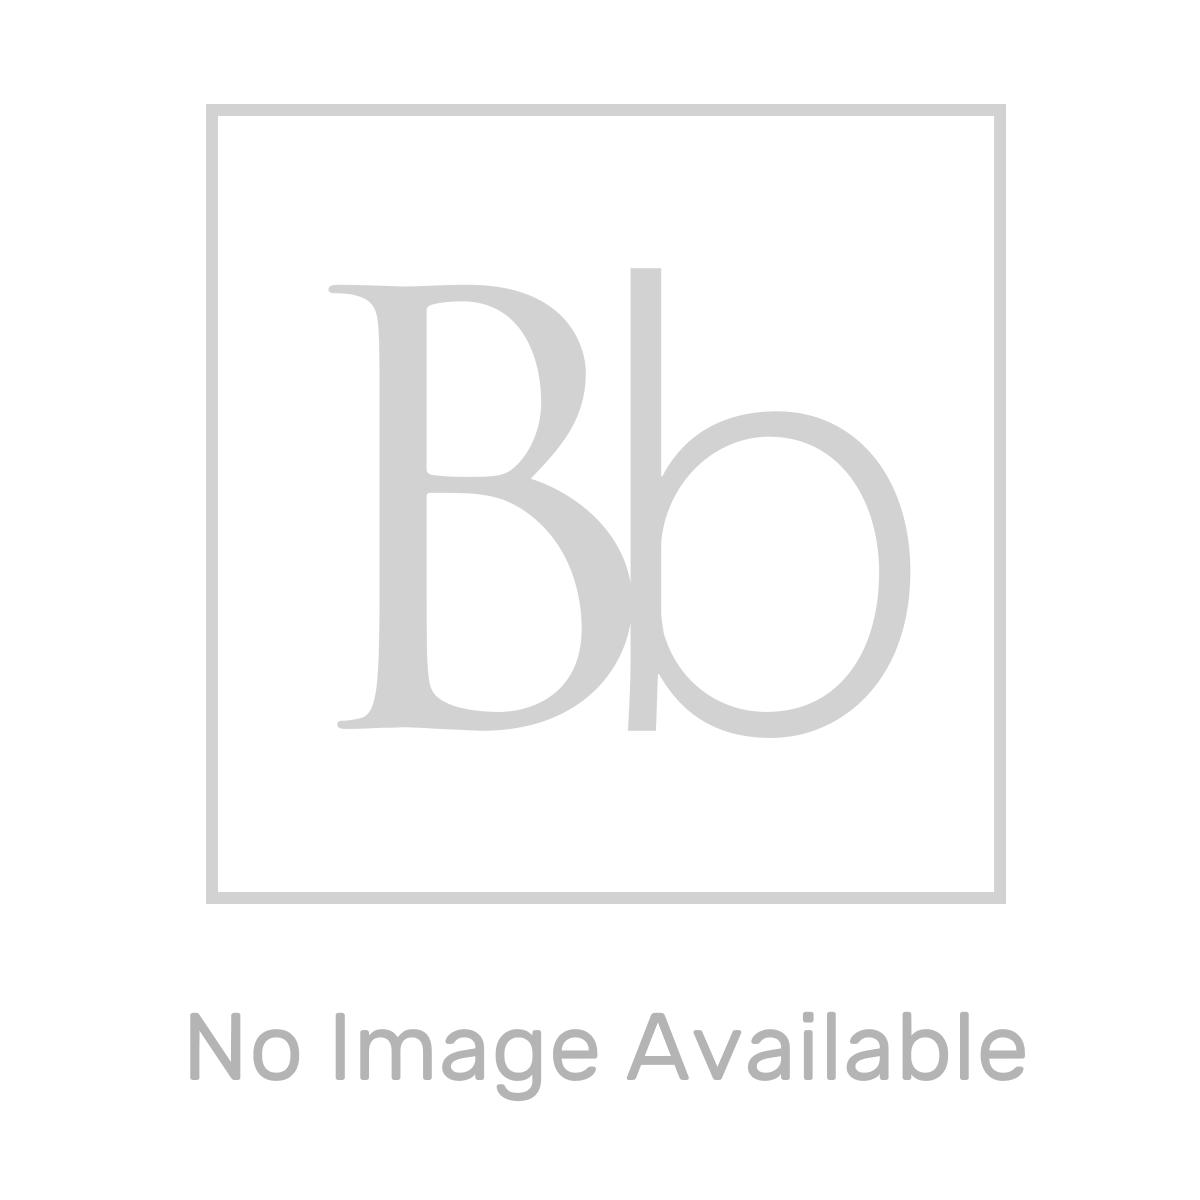 RAK Surface Light Sand Matt Tile 300 x 600mm